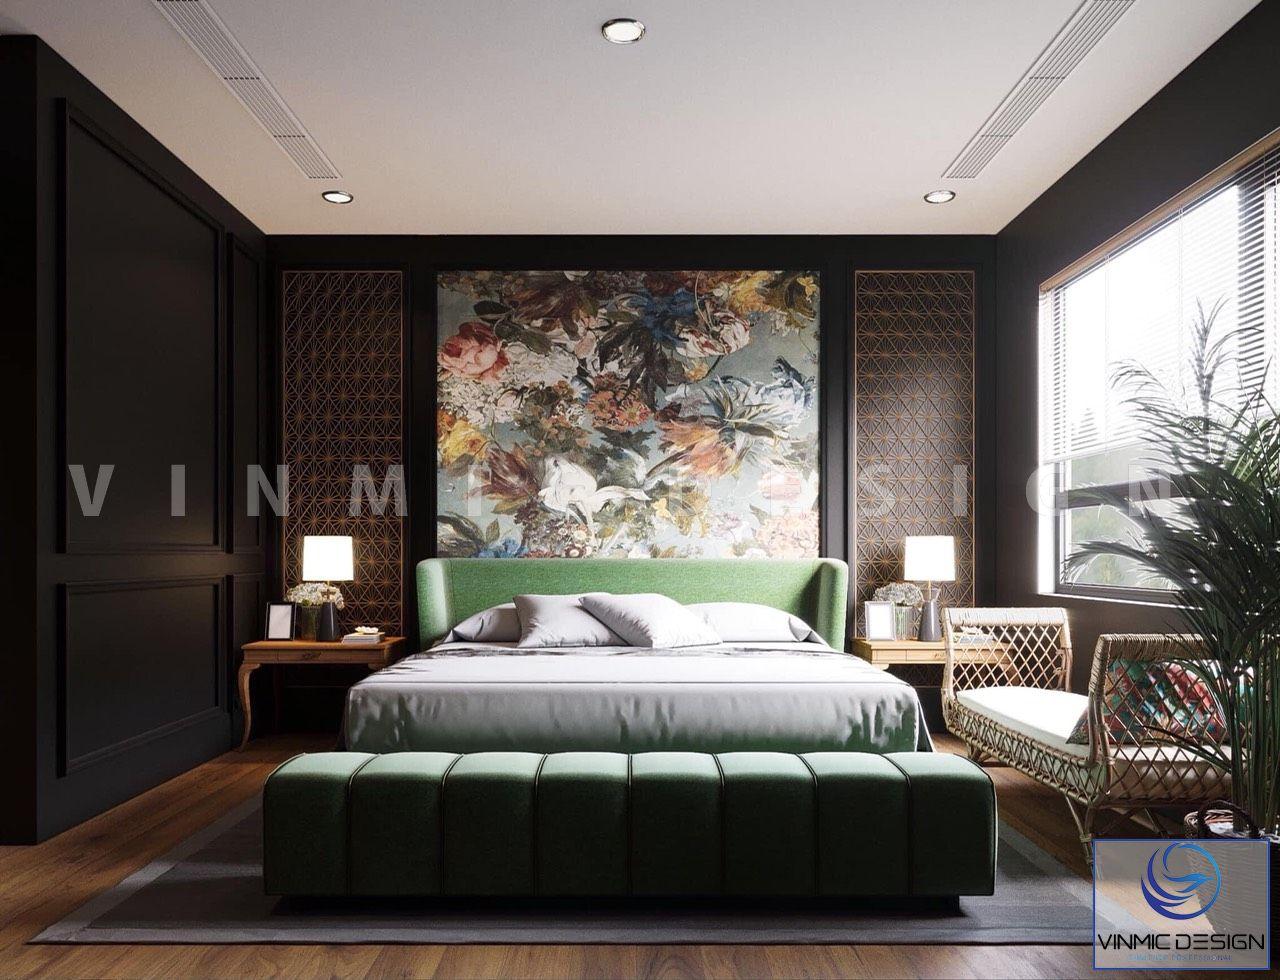 Thiết kế nội thất phòng ngủ phong cách Á Đông đẹp